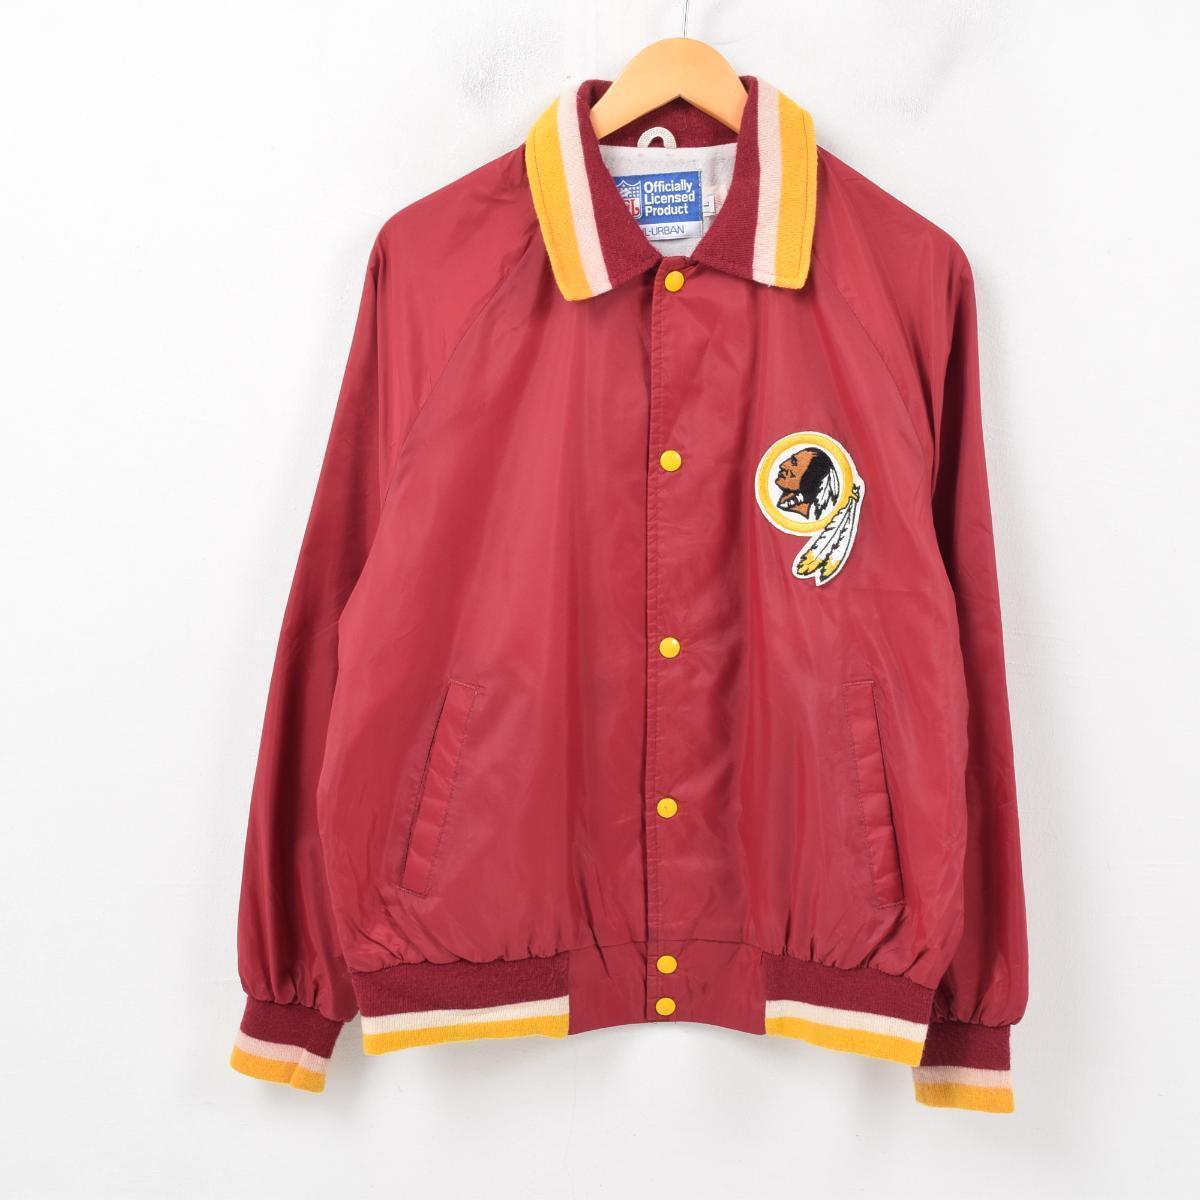 huge selection of b9444 438dc Men L /wbb1019 made in NFL OFFICIAL LICENSED PRODUCT NFL WASHINGTON  REDSKINS Washington Redskins nylon award jacket Award jacket USA